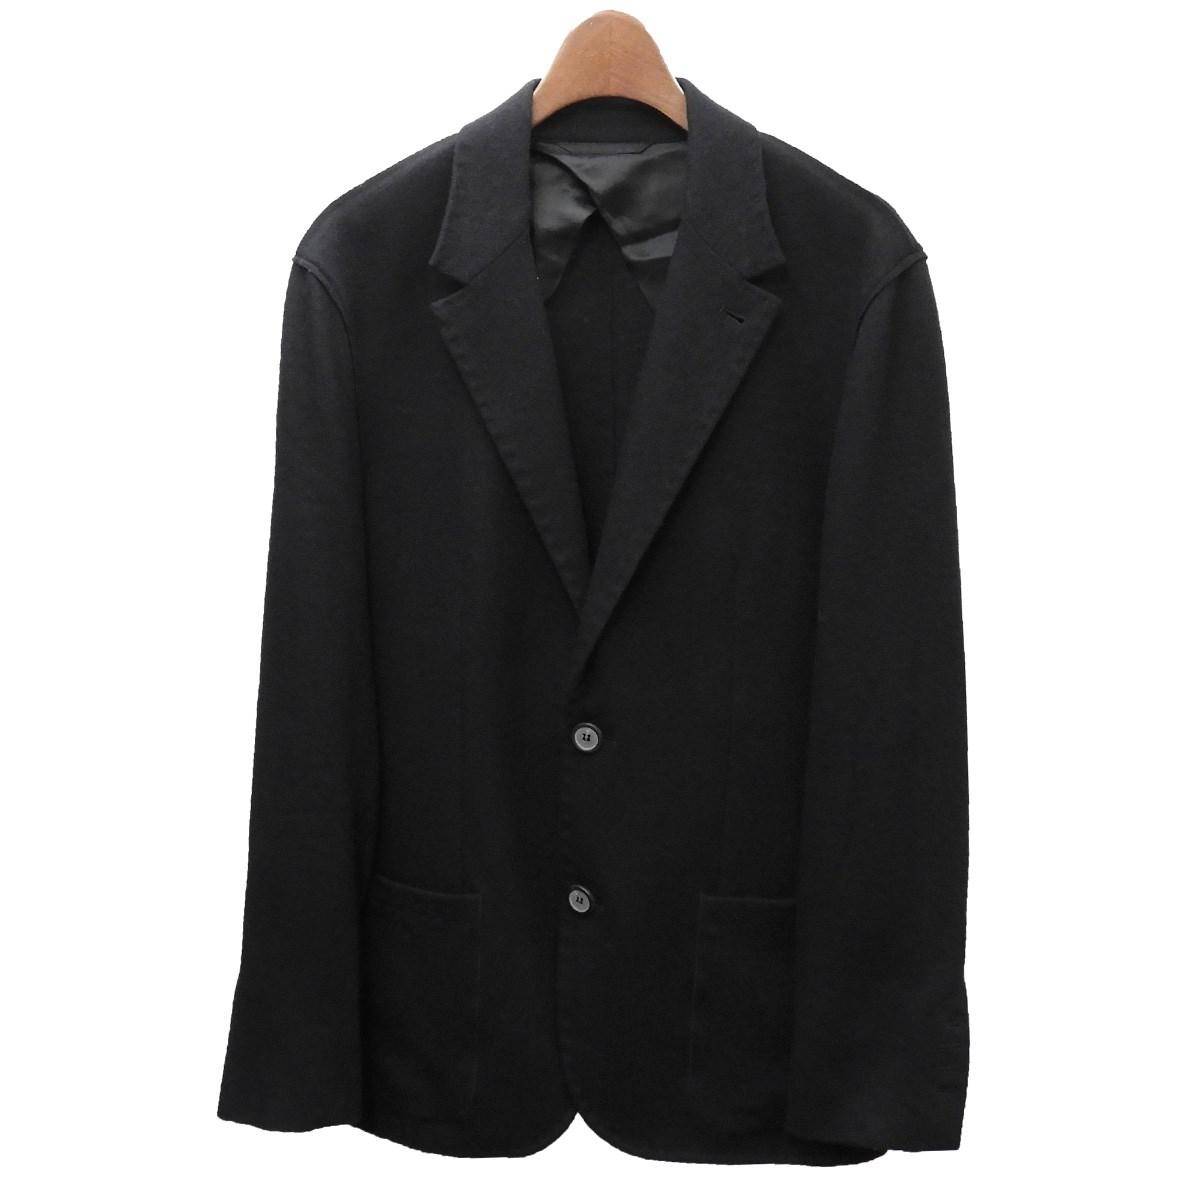 【中古】LANVINウールテーラードジャケット ネイビー サイズ:46 【7月9日見直し】